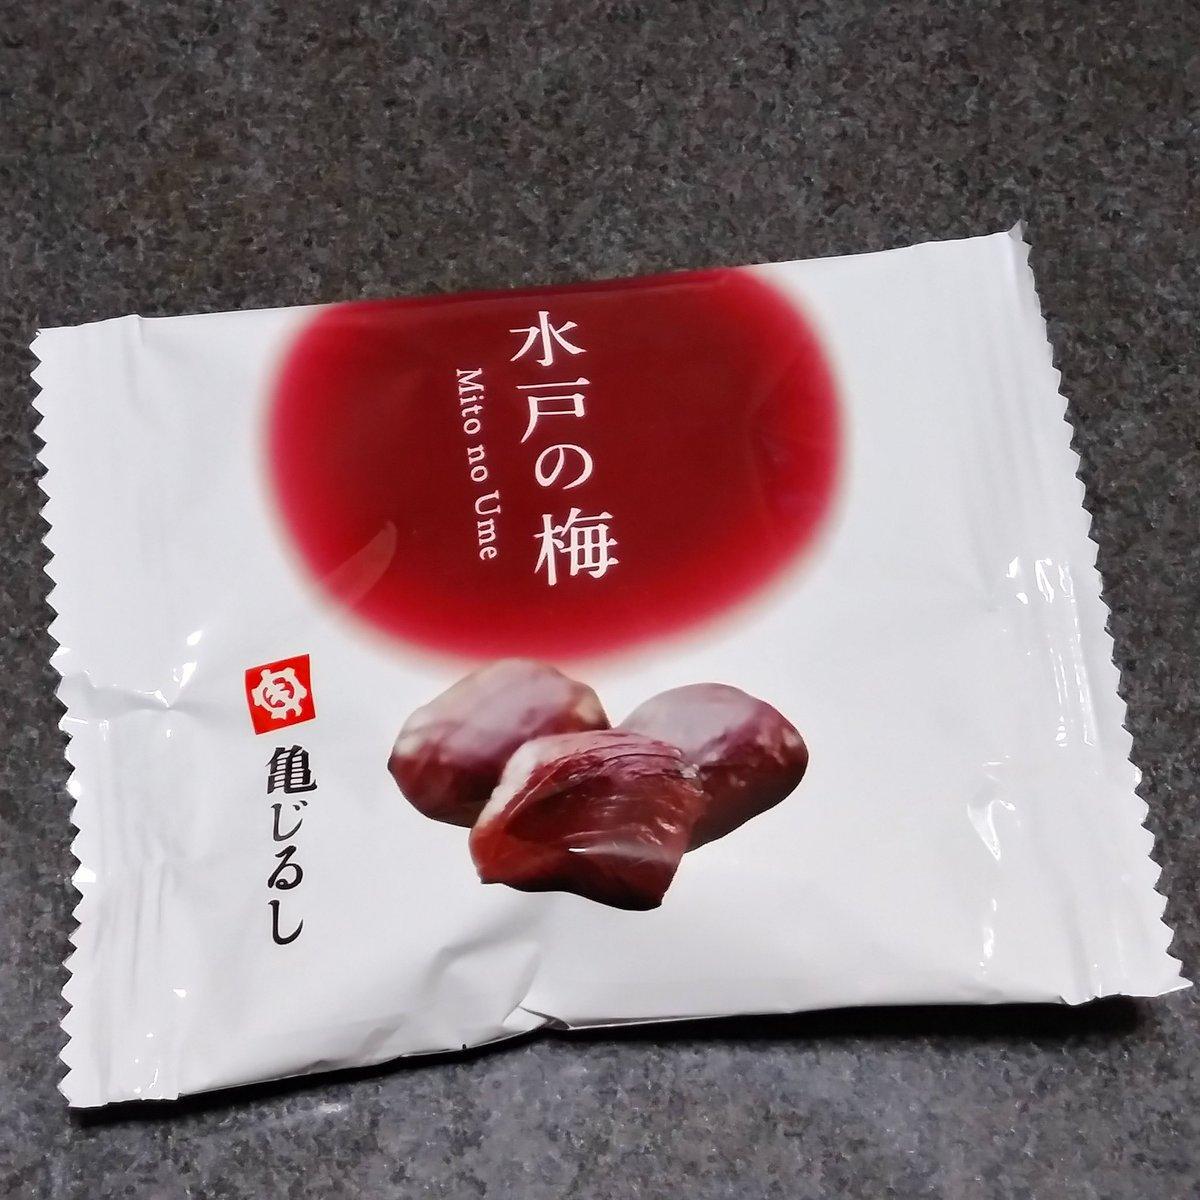 test ツイッターメディア - 水戸の梅、最高! https://t.co/qt89mECyPw